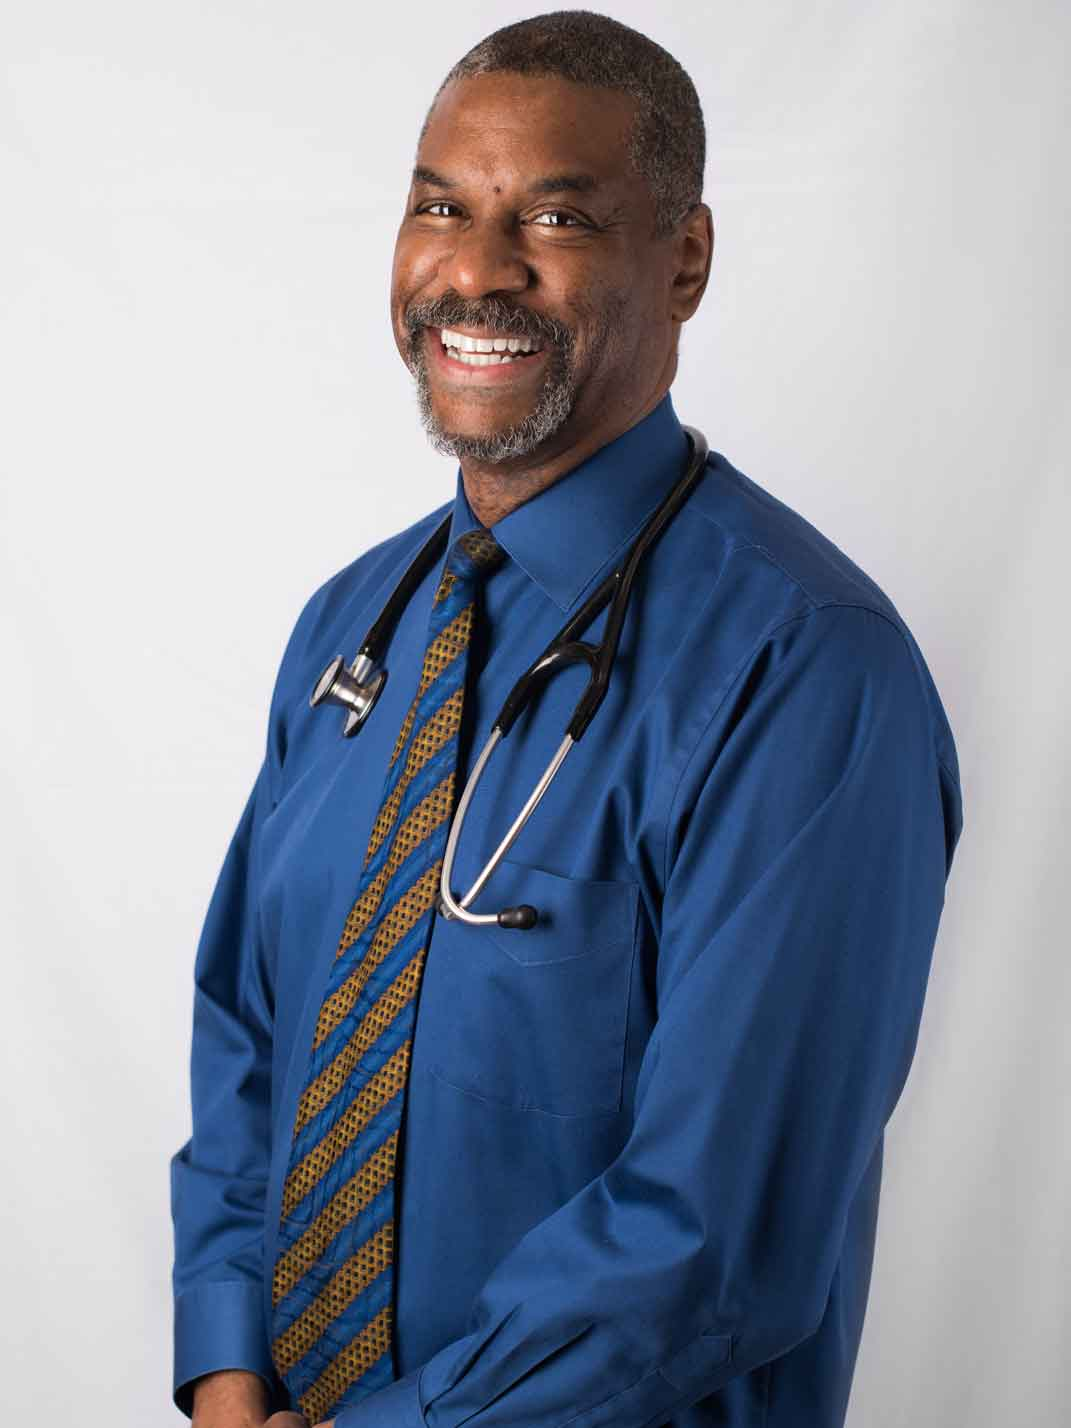 Dr. Clinton Carter